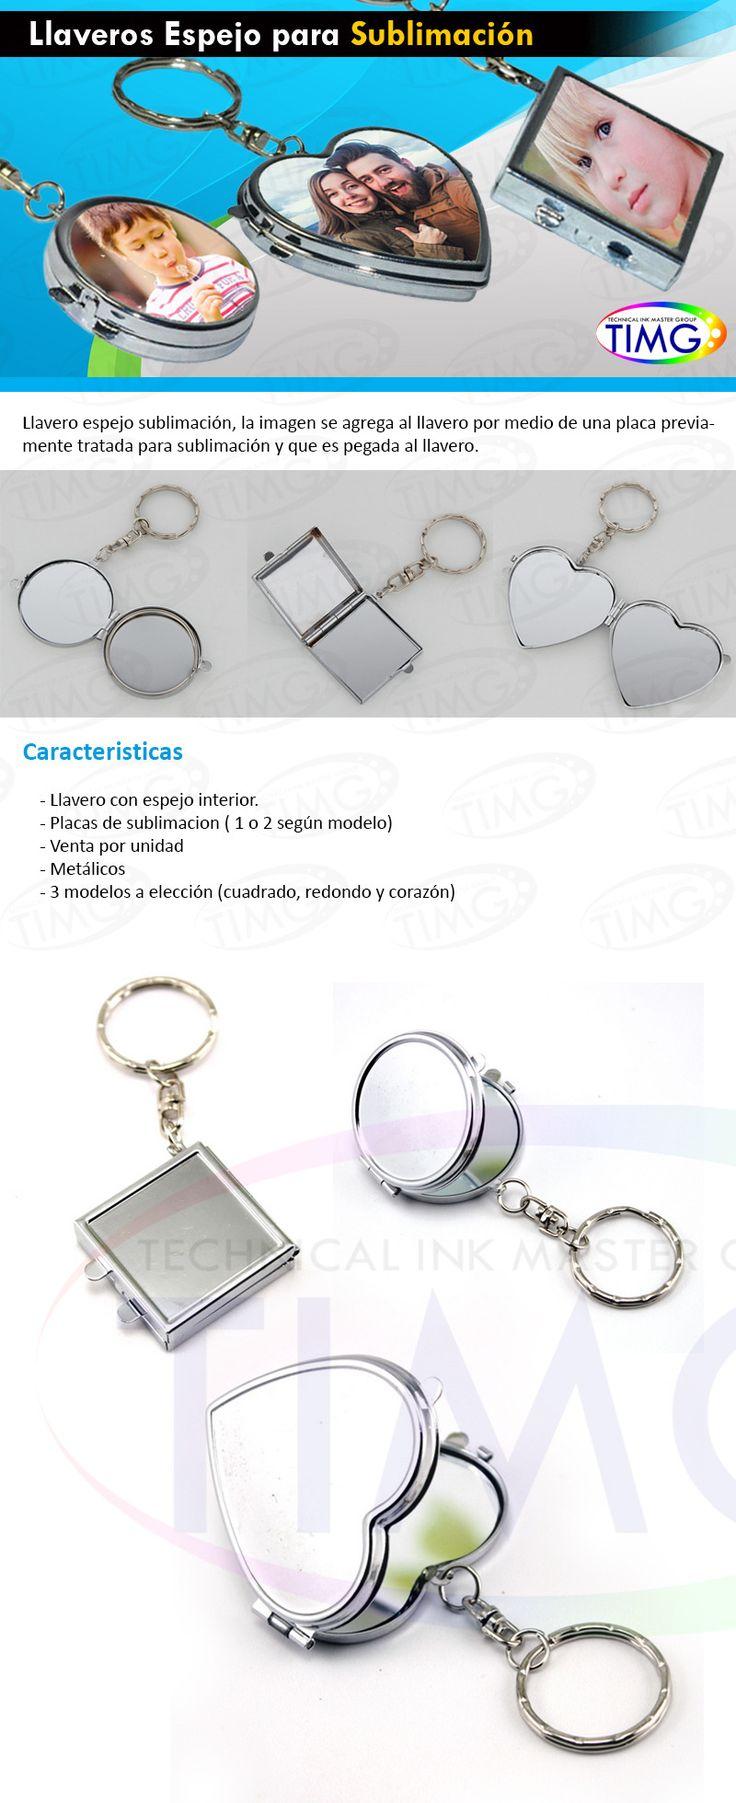 Llaveros espejos sublimables personalizables estan disponibles http://www.suministro.cl/product_p/1061080001.htm